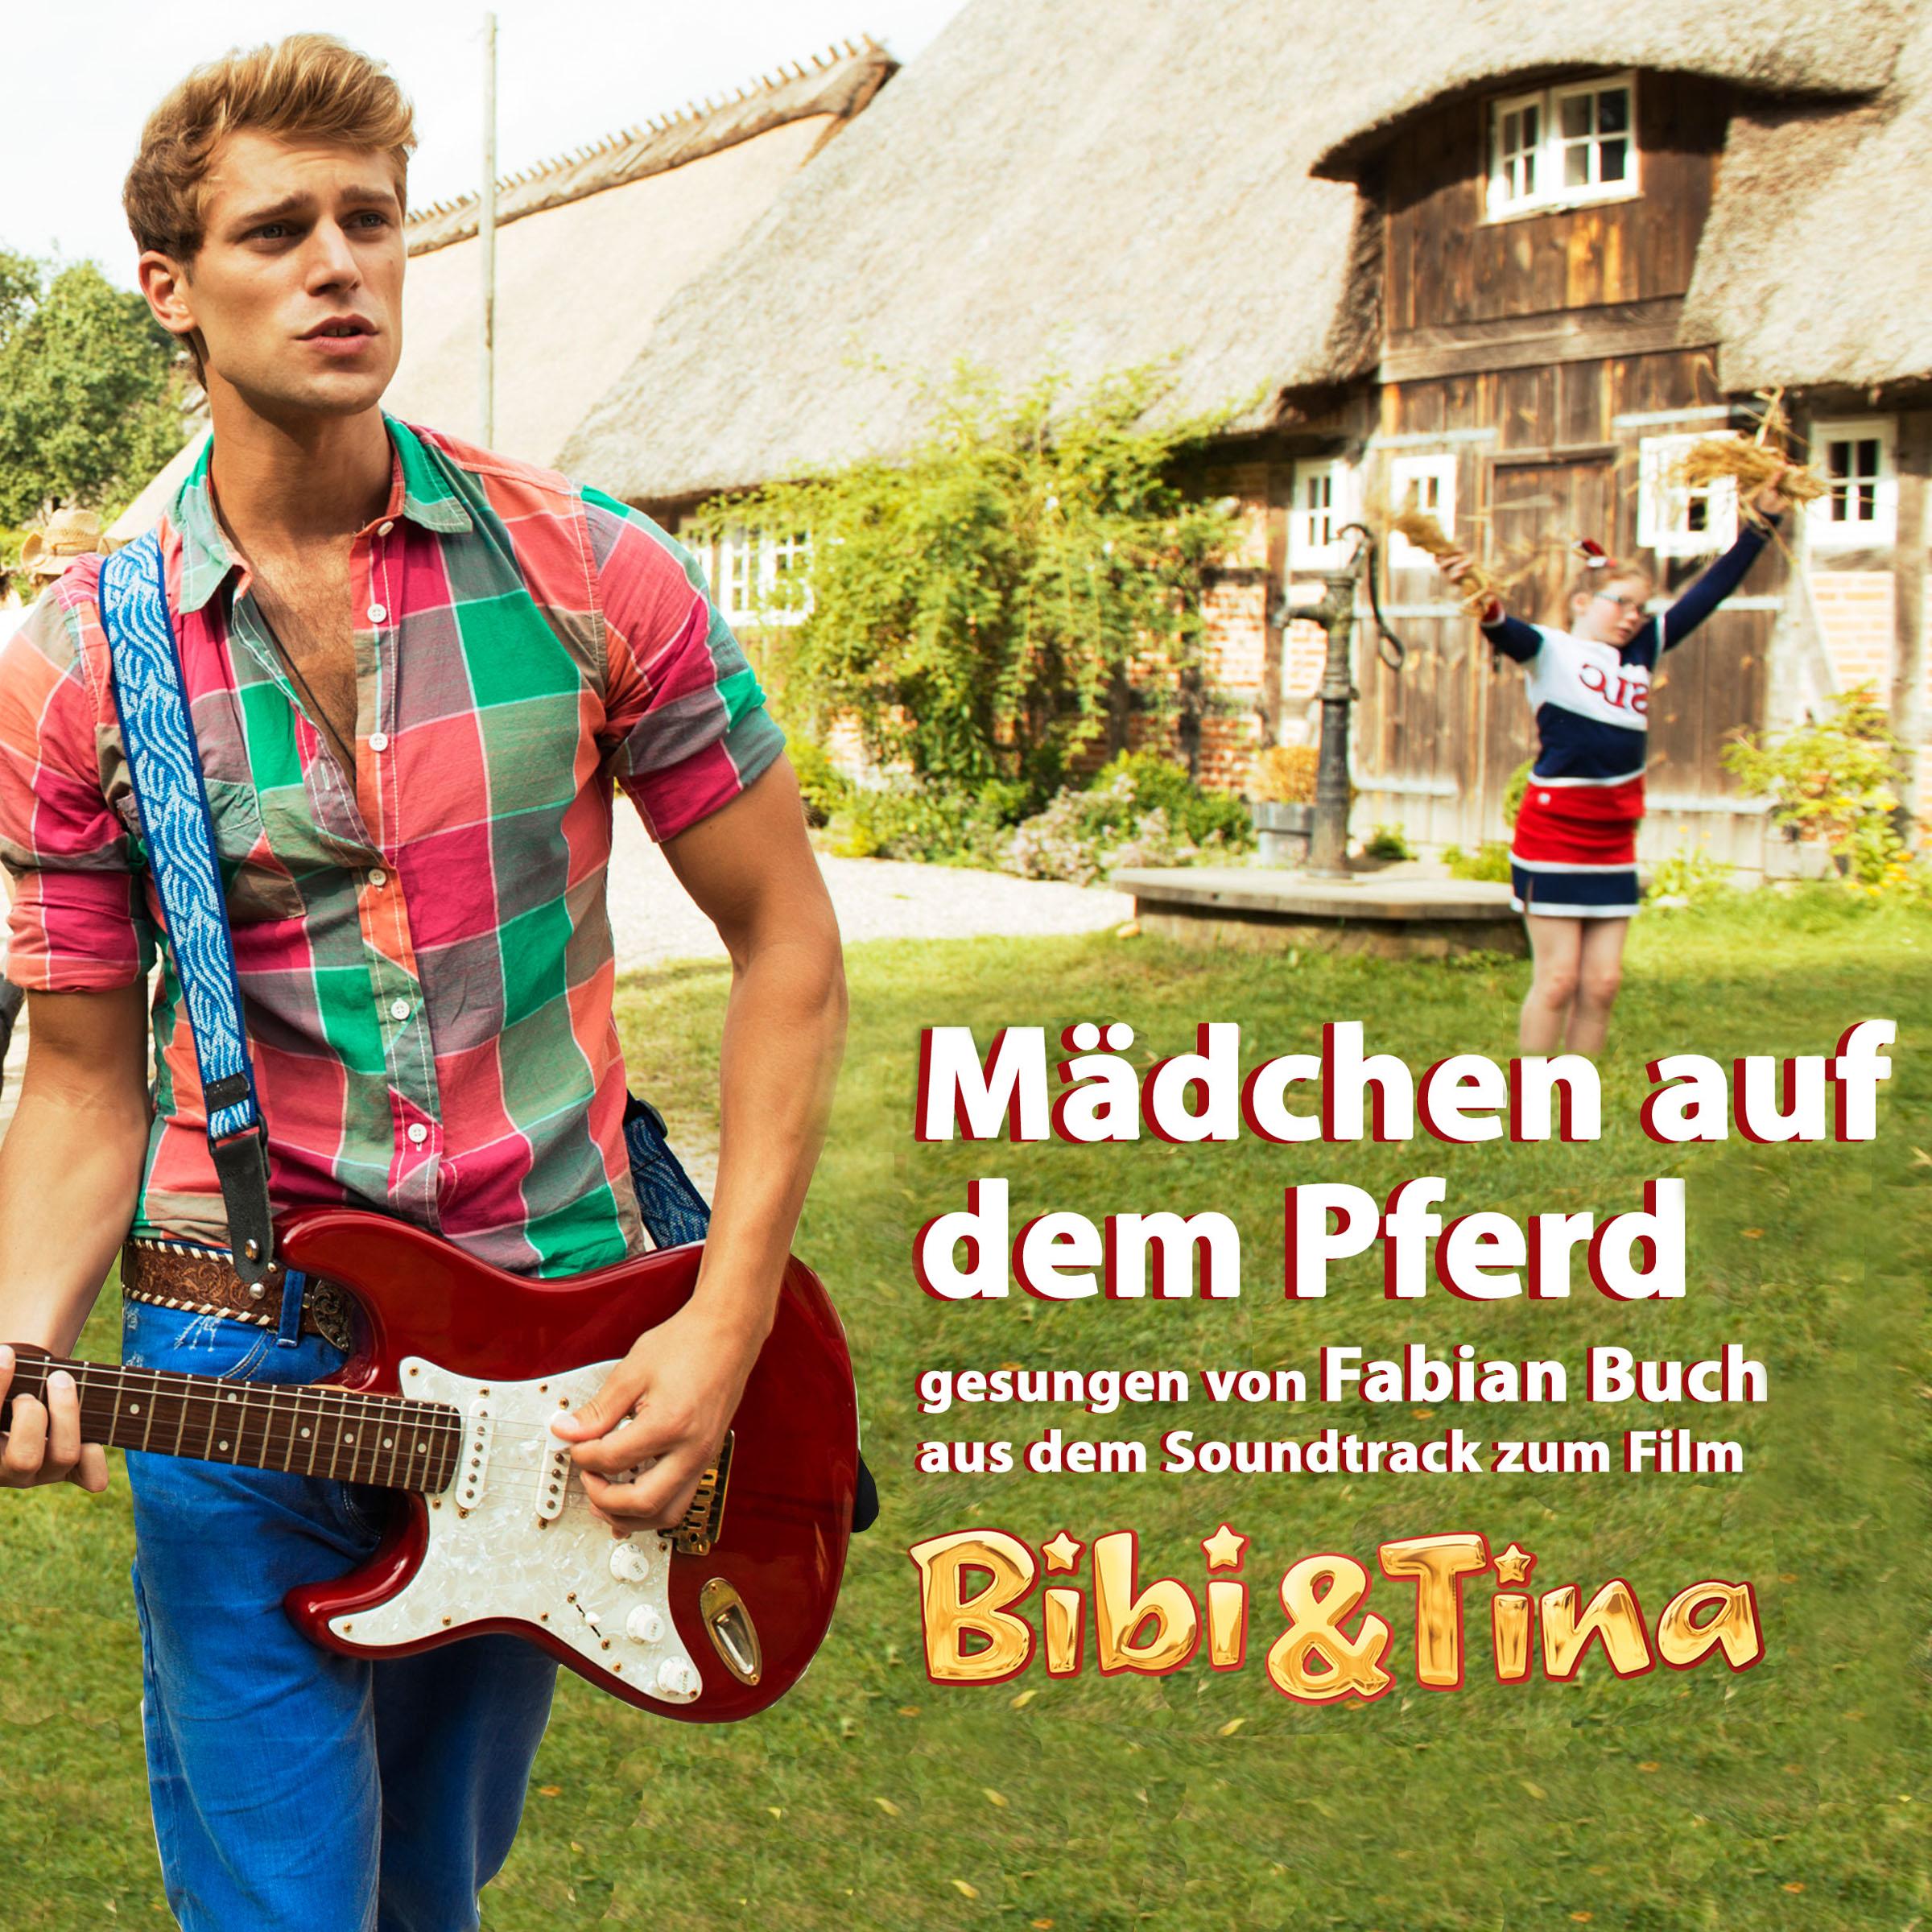 Bibi & Tina: Mädchen auf dem Pferd (Single)